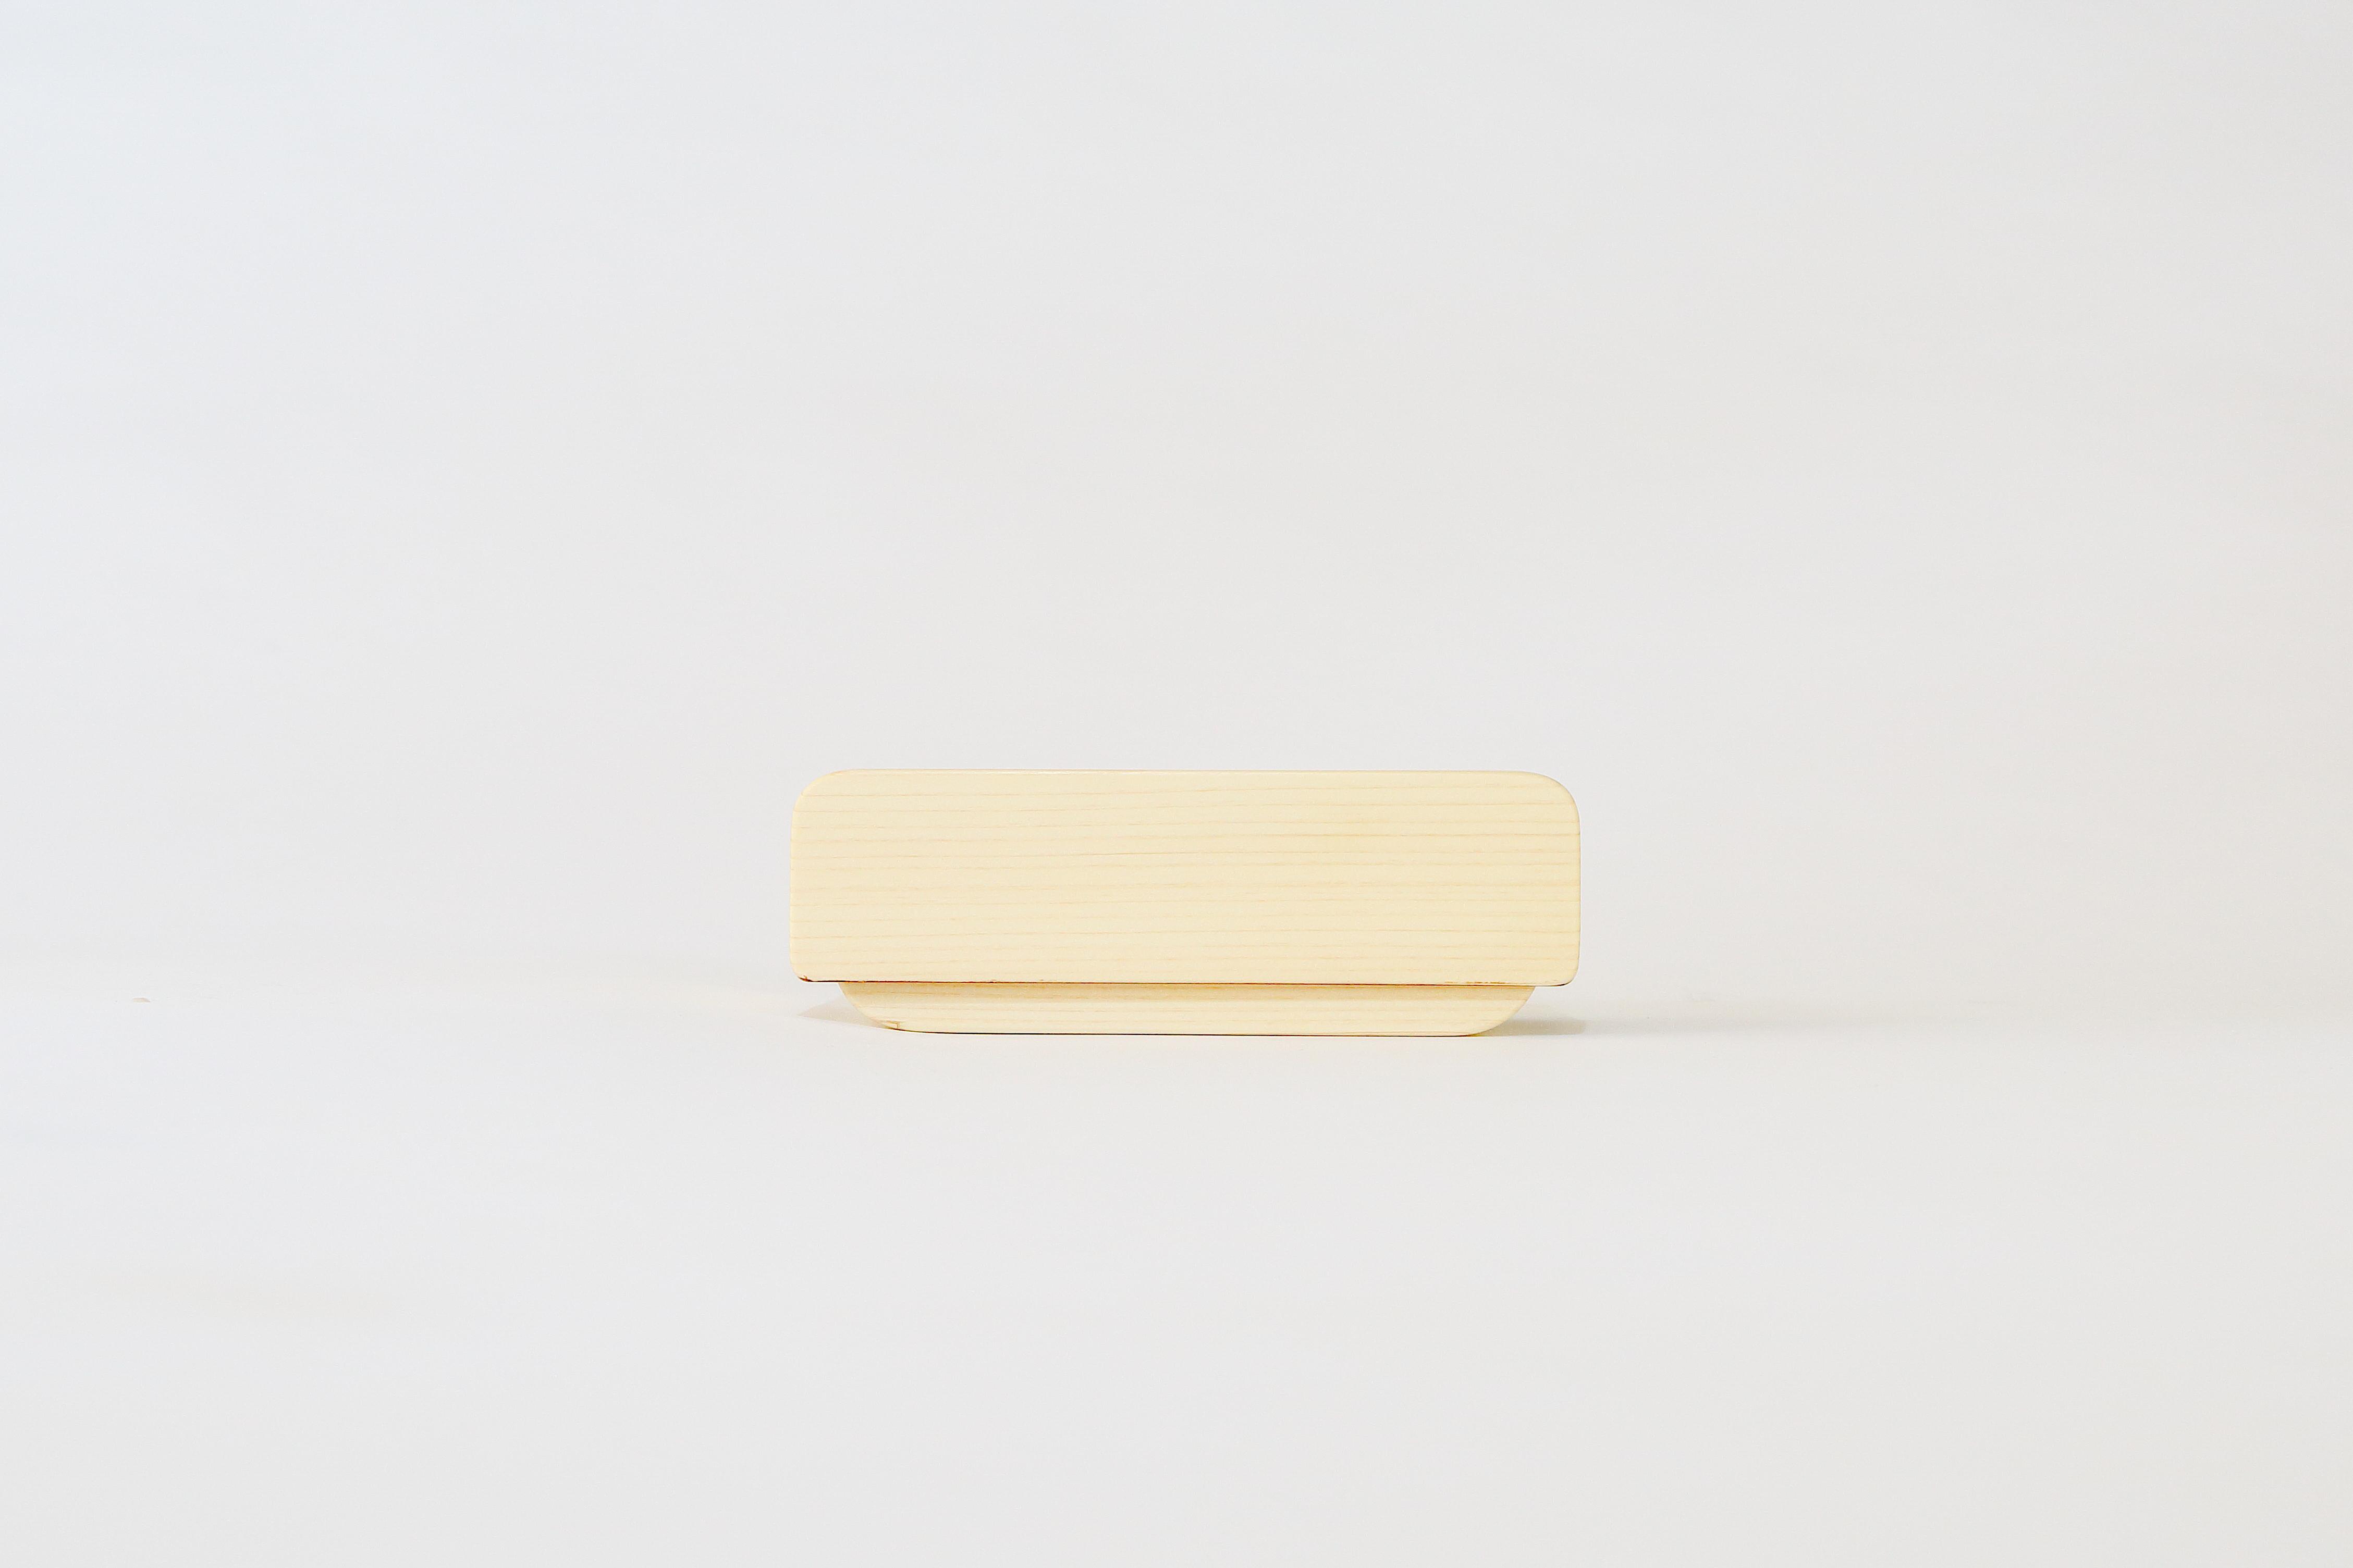 かぶせ弁当箱 ひのき白木仕上げ(大)